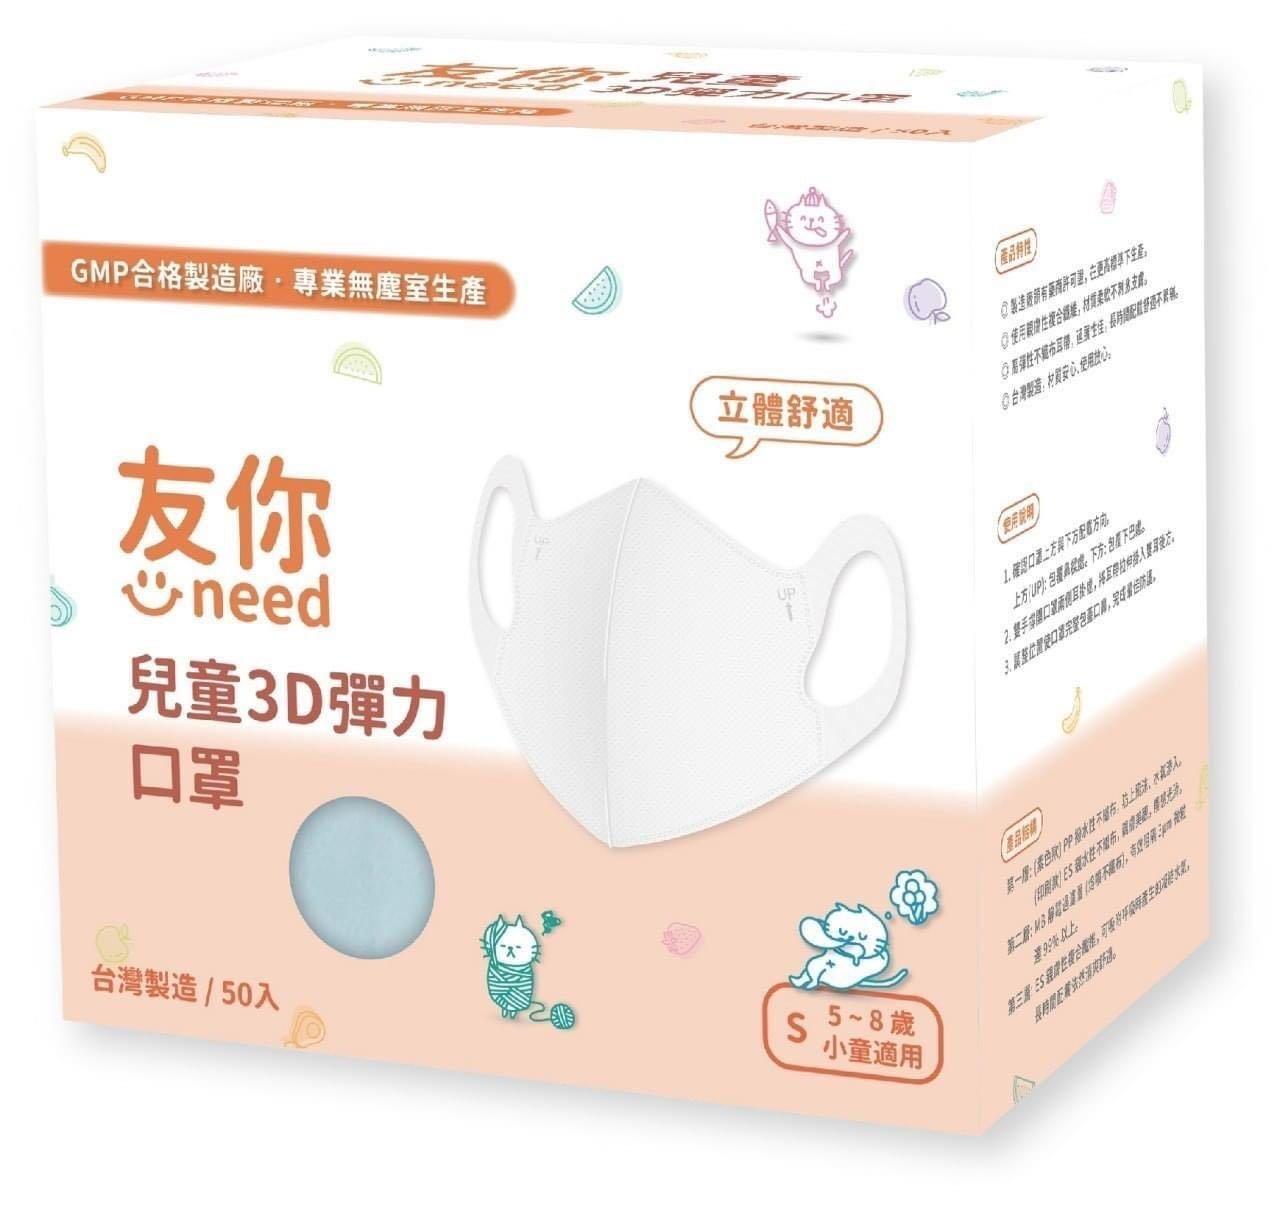 台灣康匠 Uneed全新系列 3D兒童彈力口罩